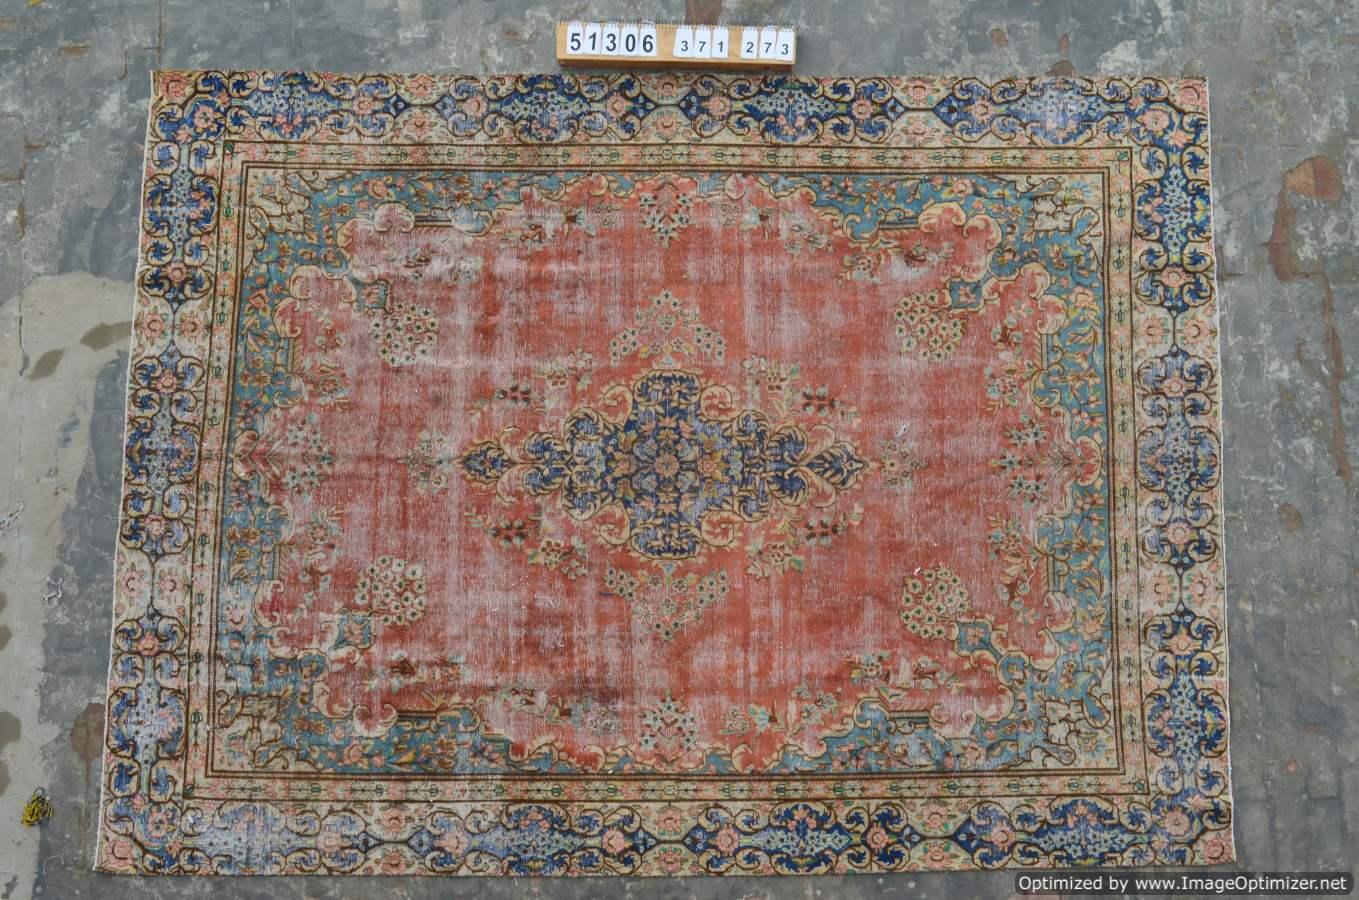 Vintage vloerkleed nr 51306 ( 371cm x 273cm) Nieuw ingekocht, vanaf 10 April op voorraad!